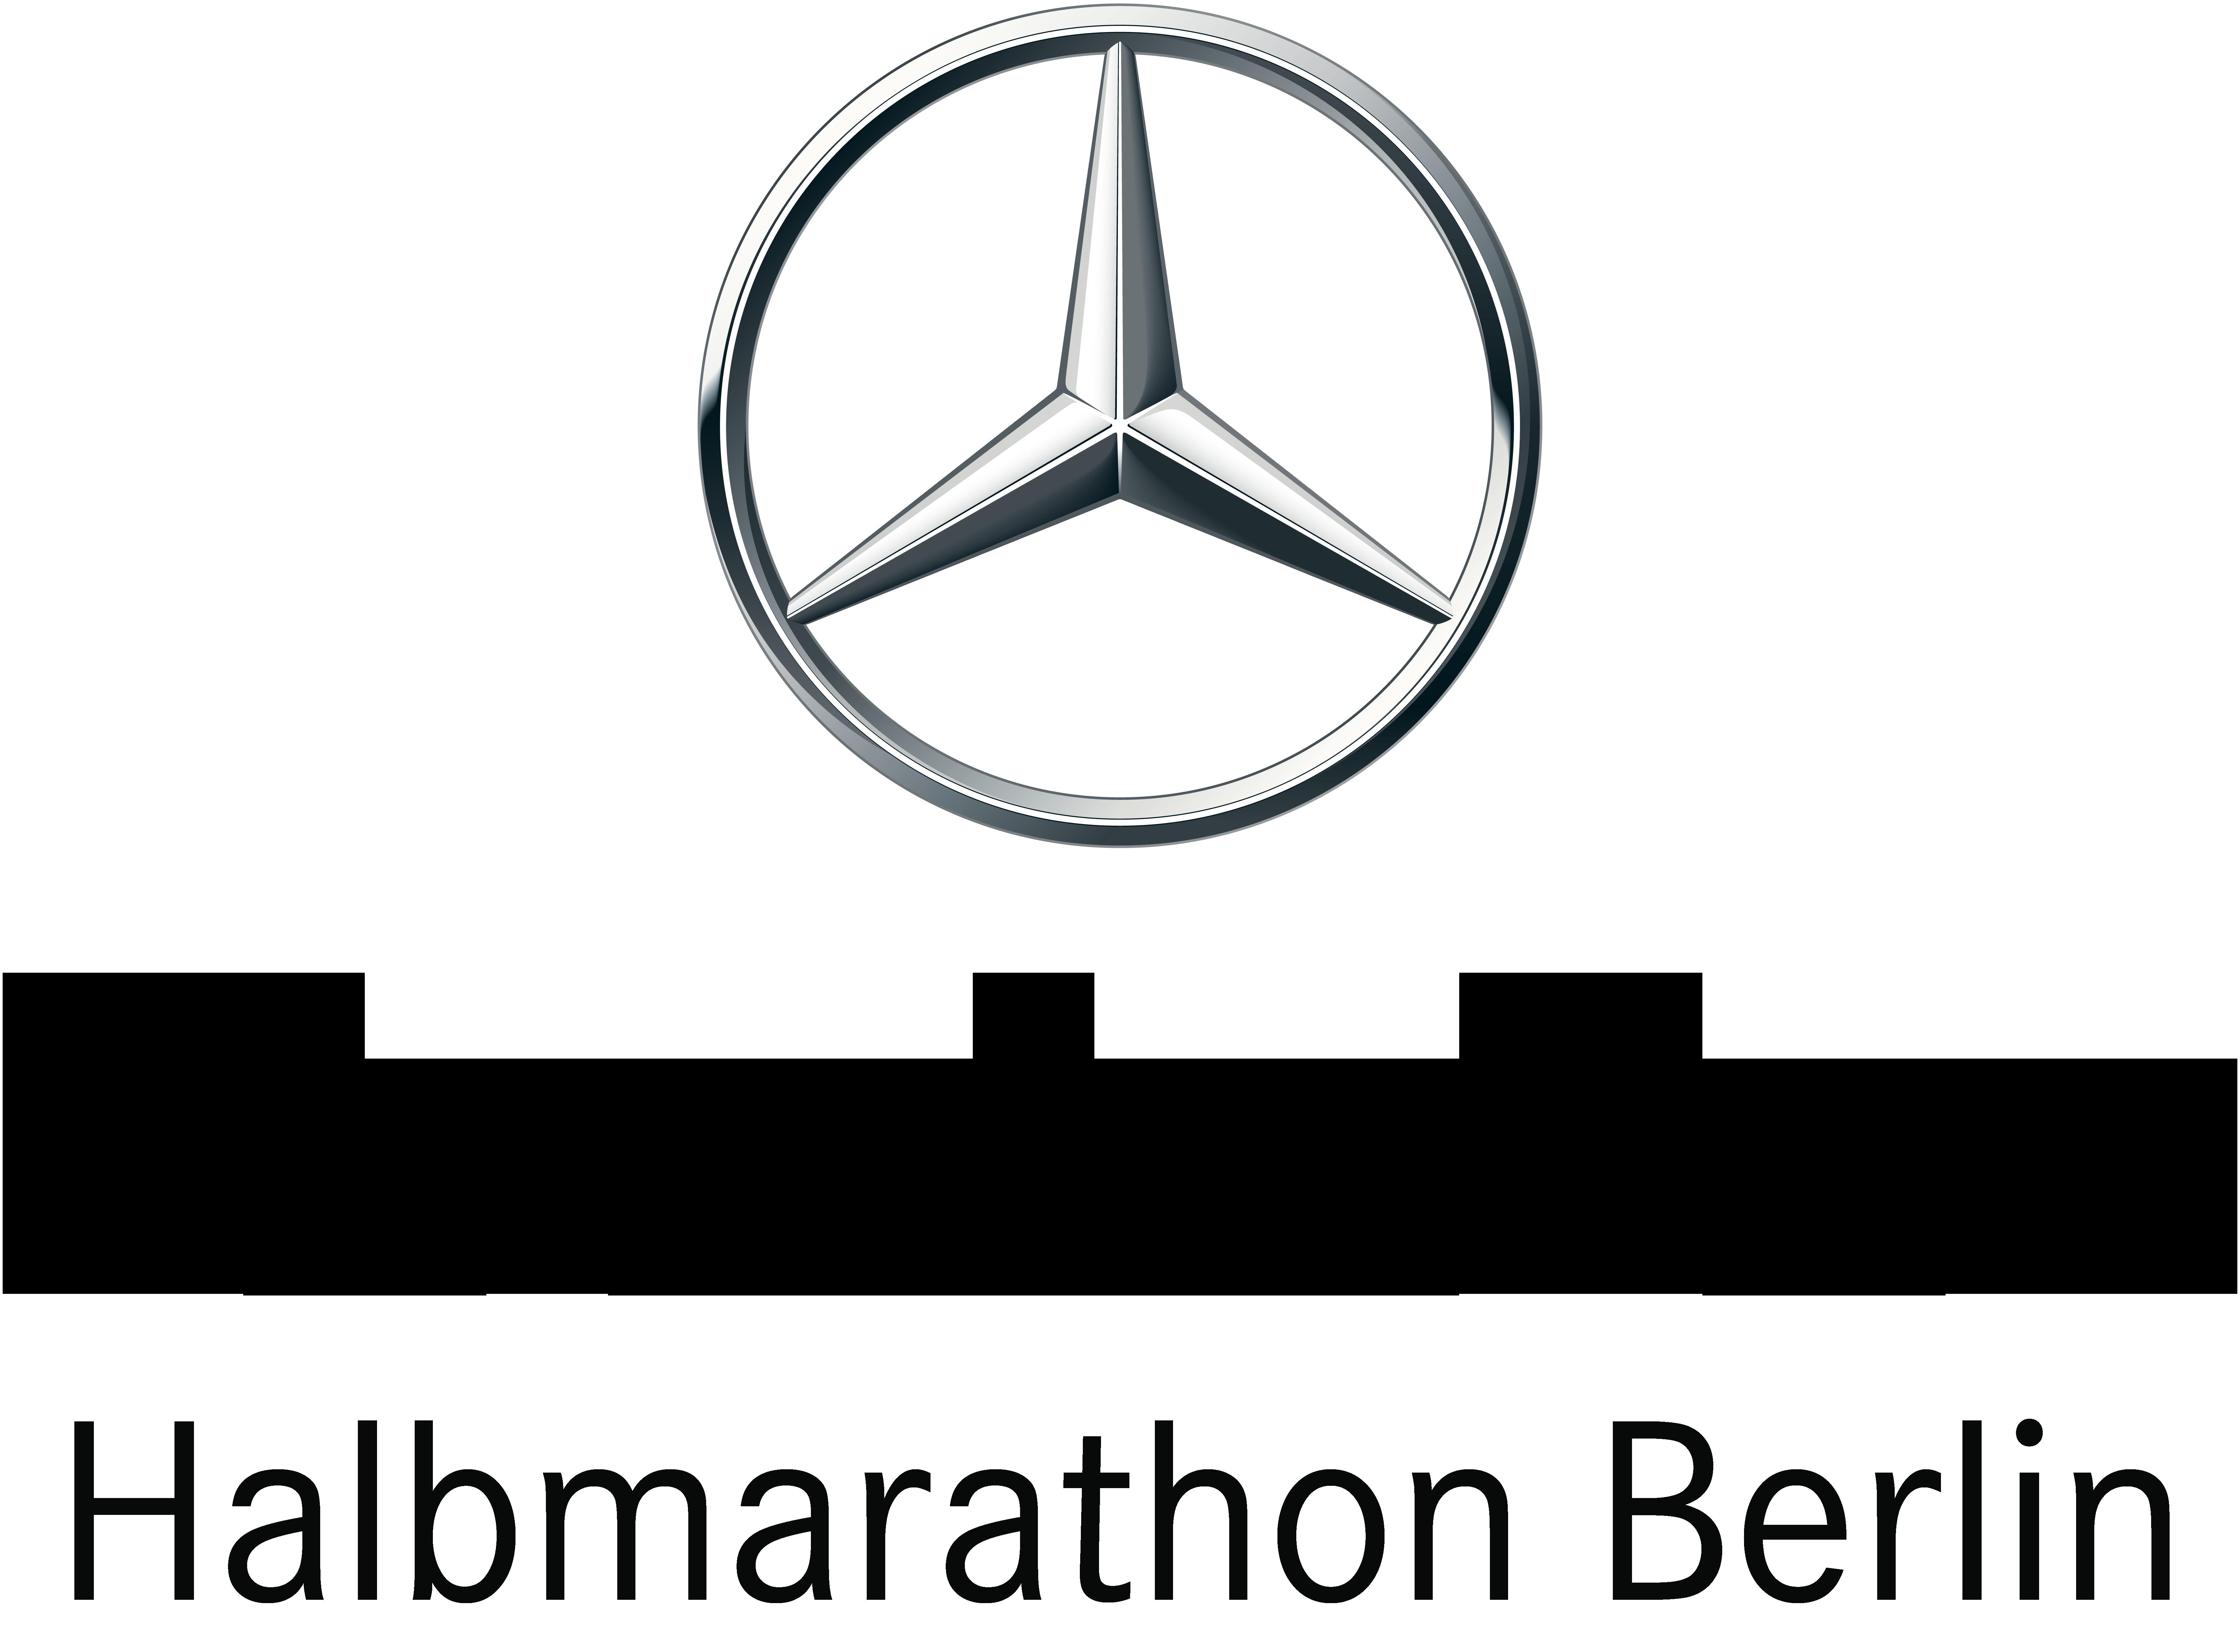 Mercedes-Benz Halbmarathon Logo